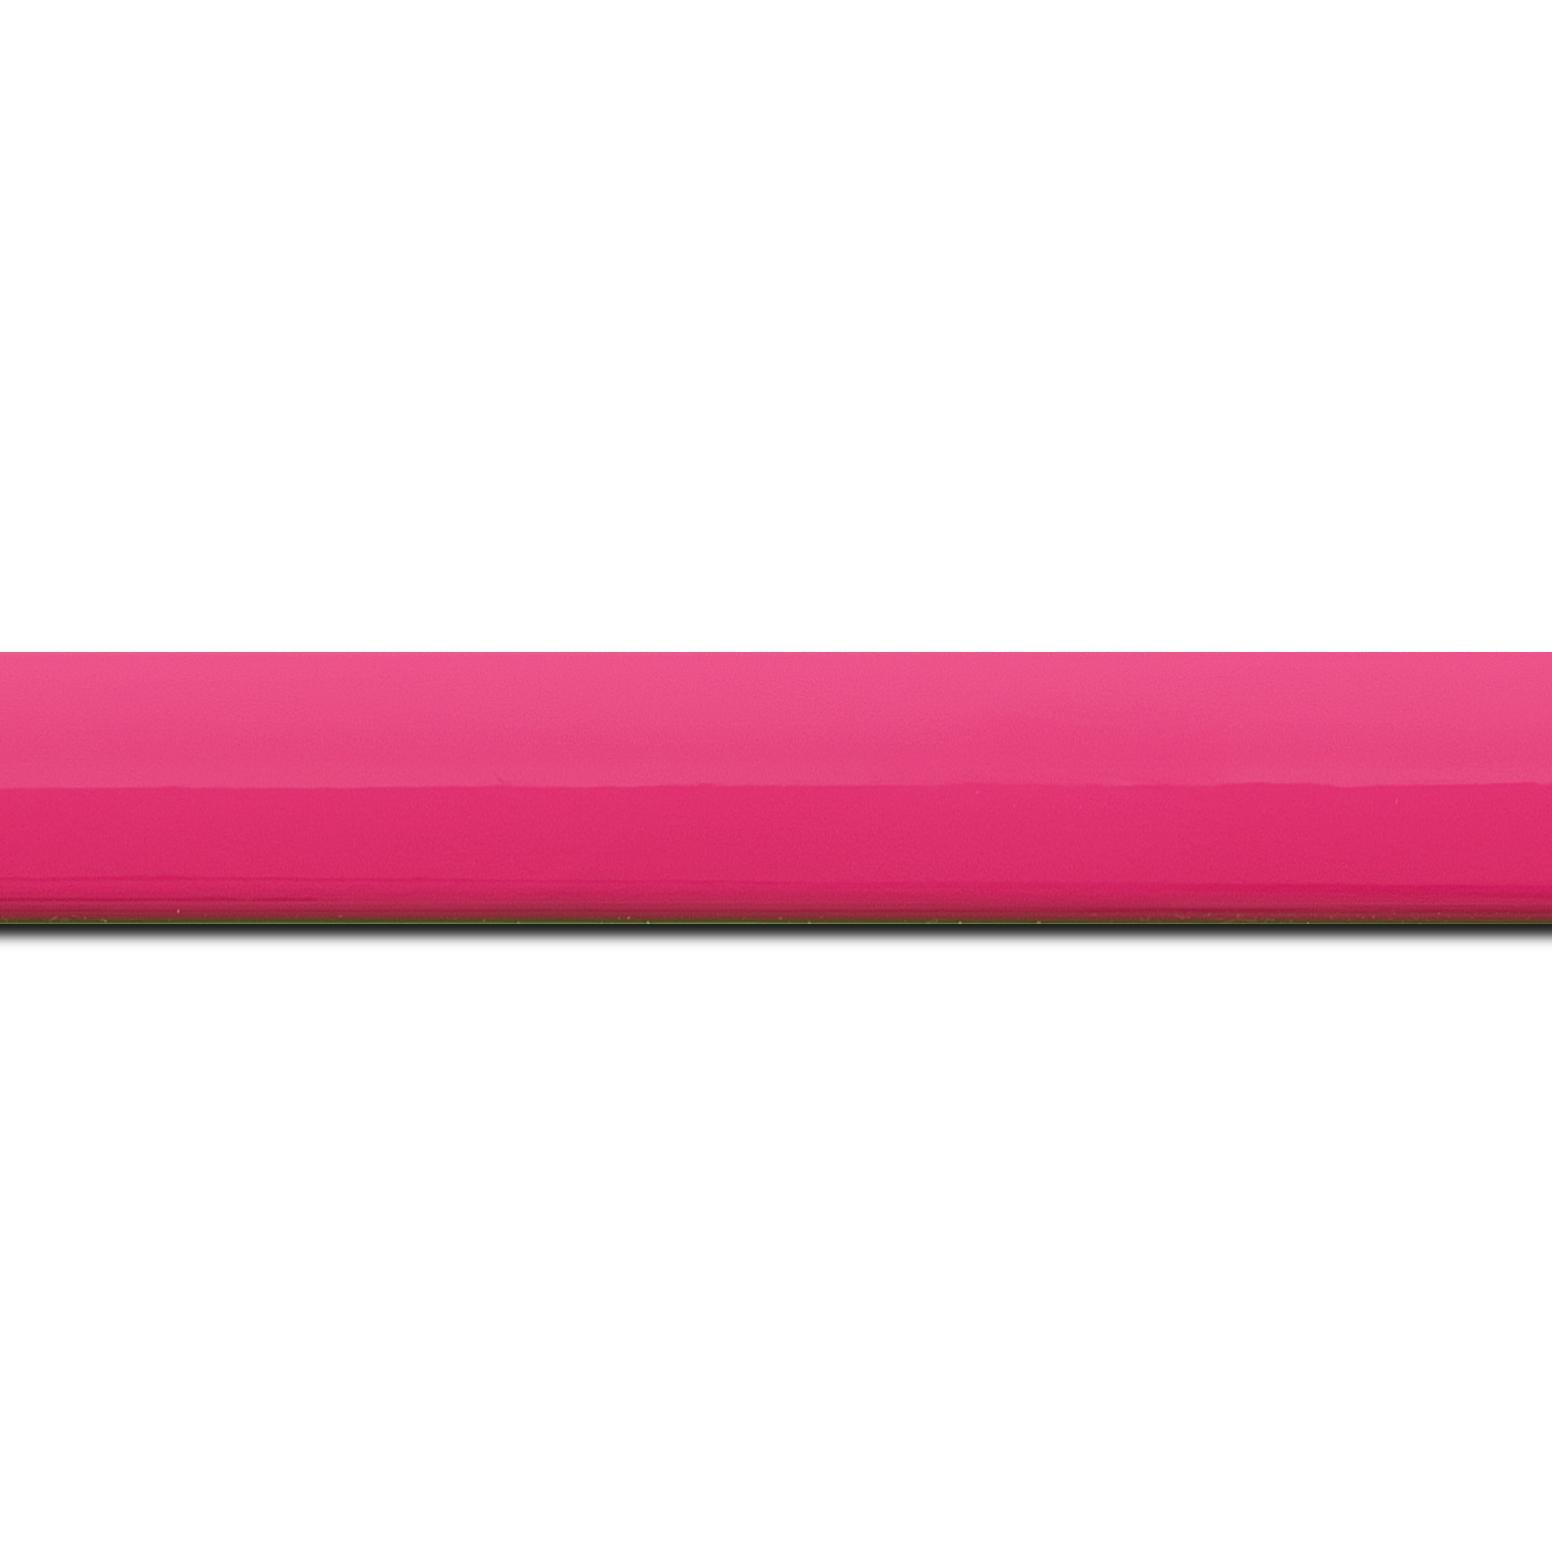 Pack par 12m, bois profil méplat largeur 2.3cm couleur rose tonique laqué (longueur baguette pouvant varier entre 2.40m et 3m selon arrivage des bois)